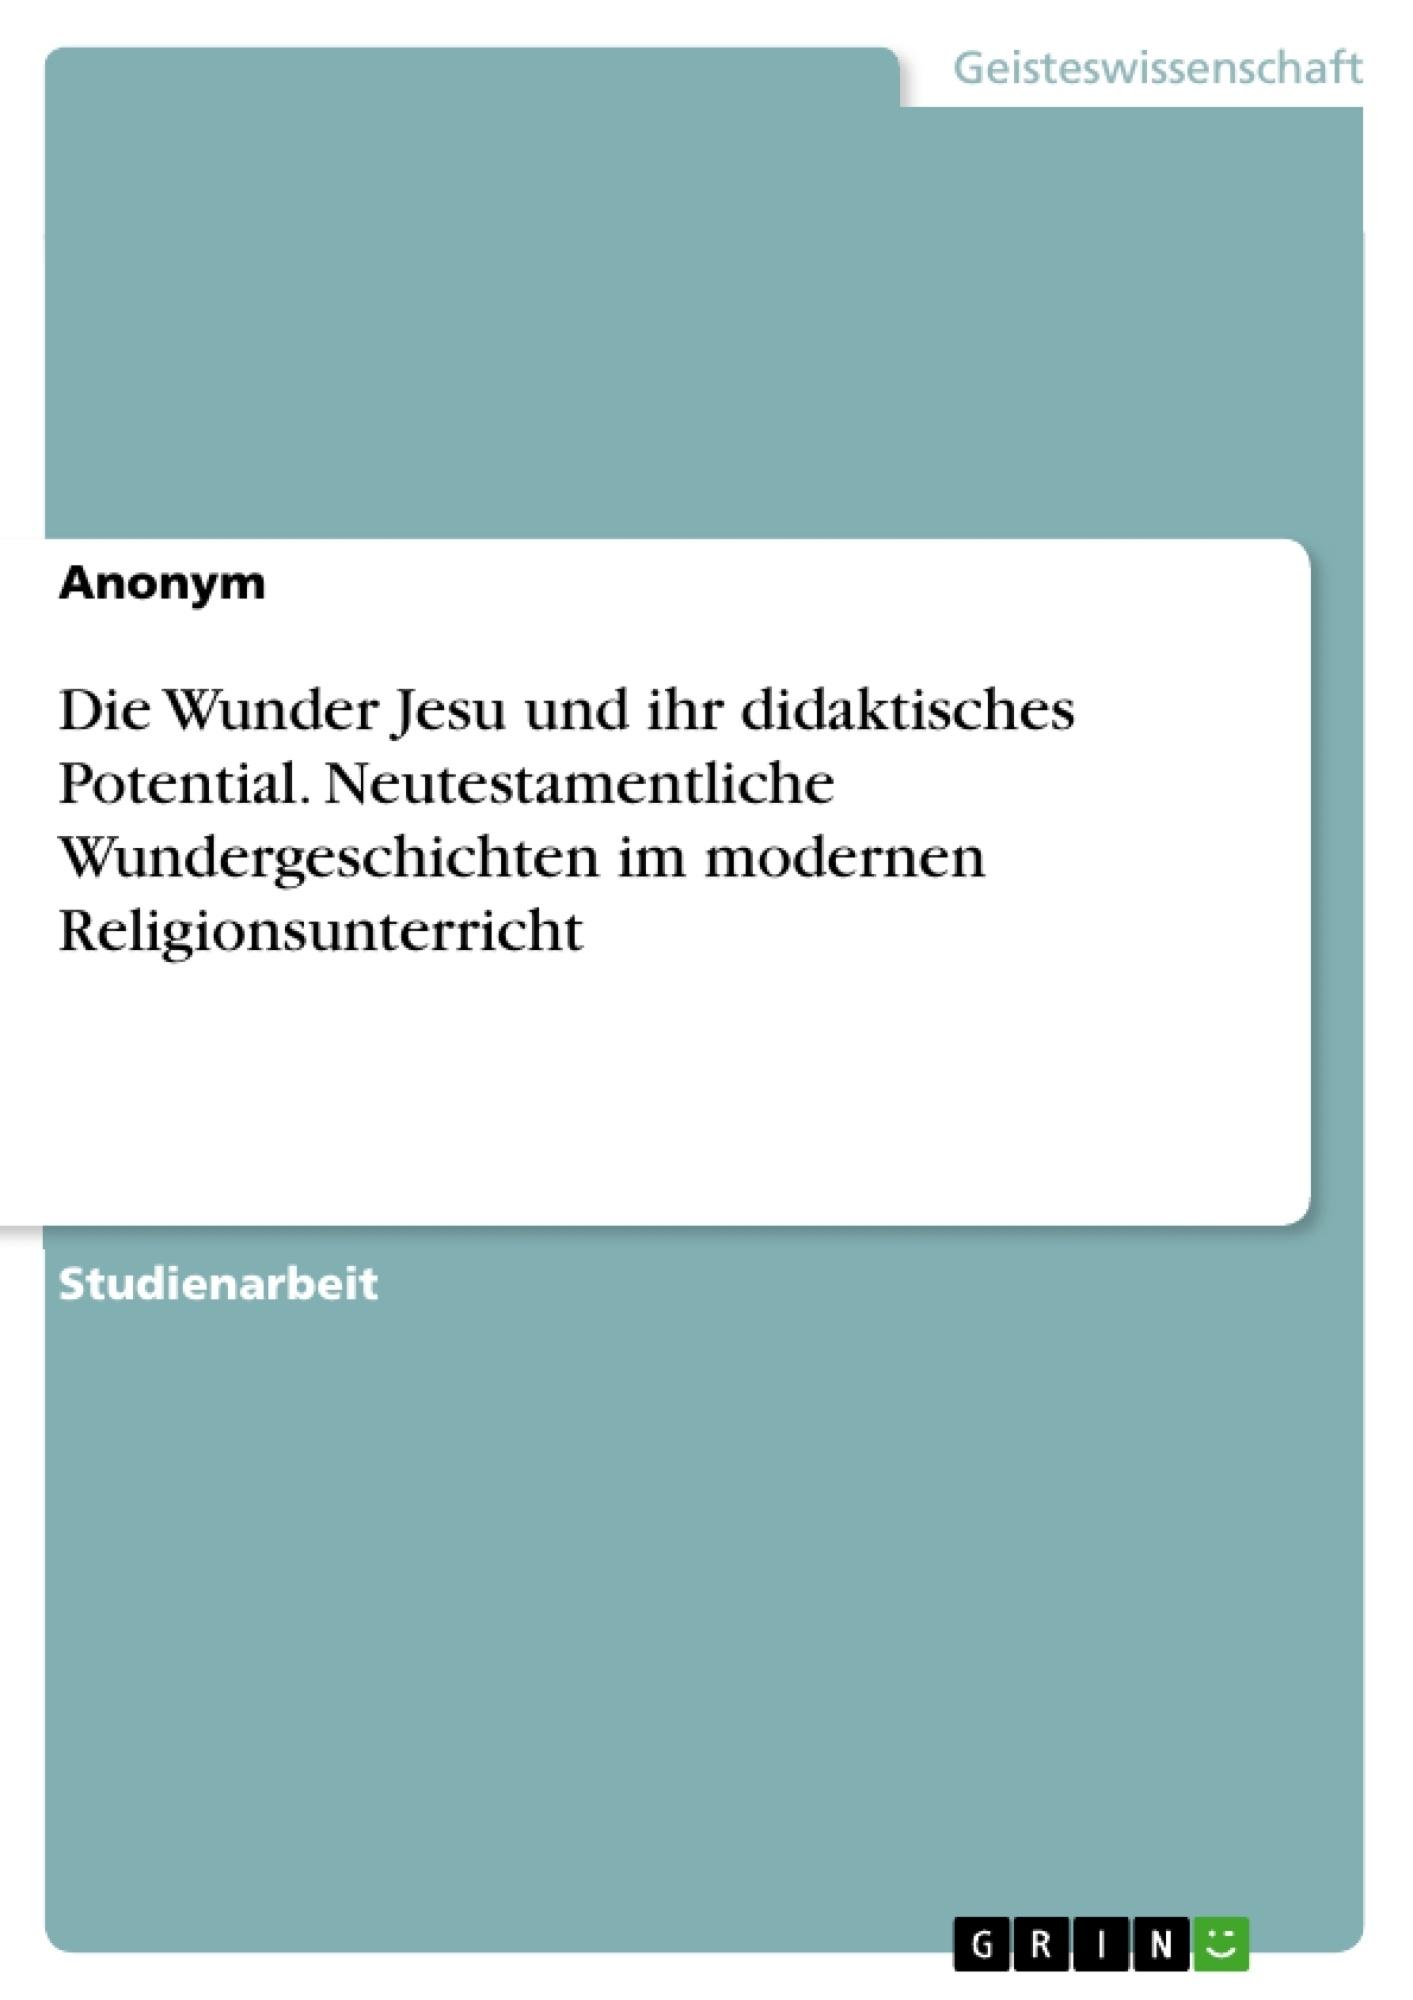 Titel: Die Wunder Jesu und ihr didaktisches Potential. Neutestamentliche Wundergeschichten im modernen Religionsunterricht